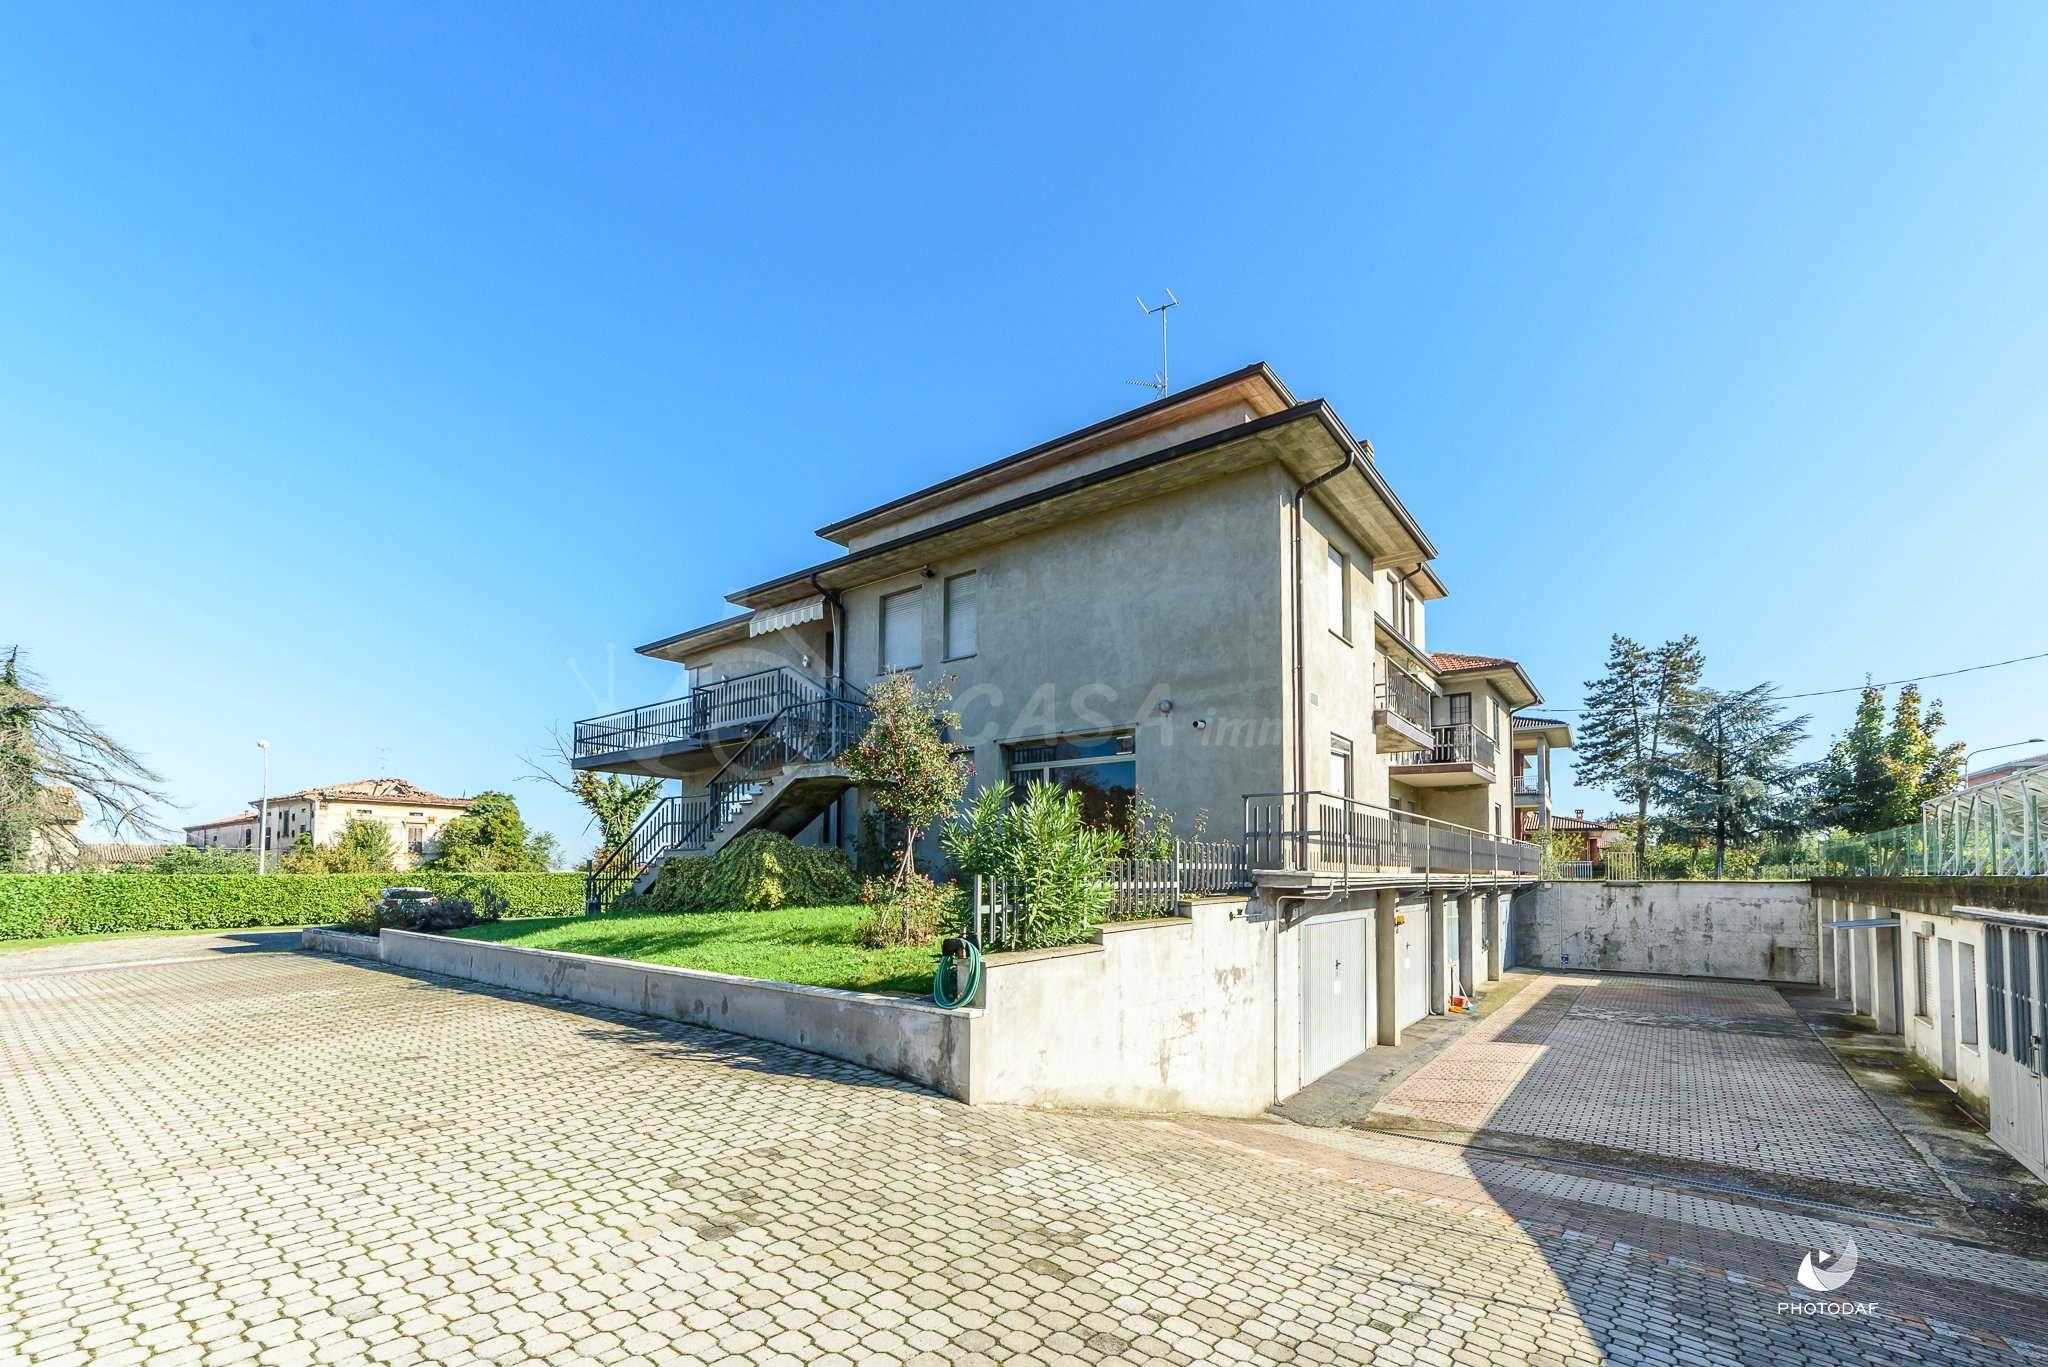 Appartamento in vendita a Felino, 3 locali, prezzo € 99.000 | PortaleAgenzieImmobiliari.it